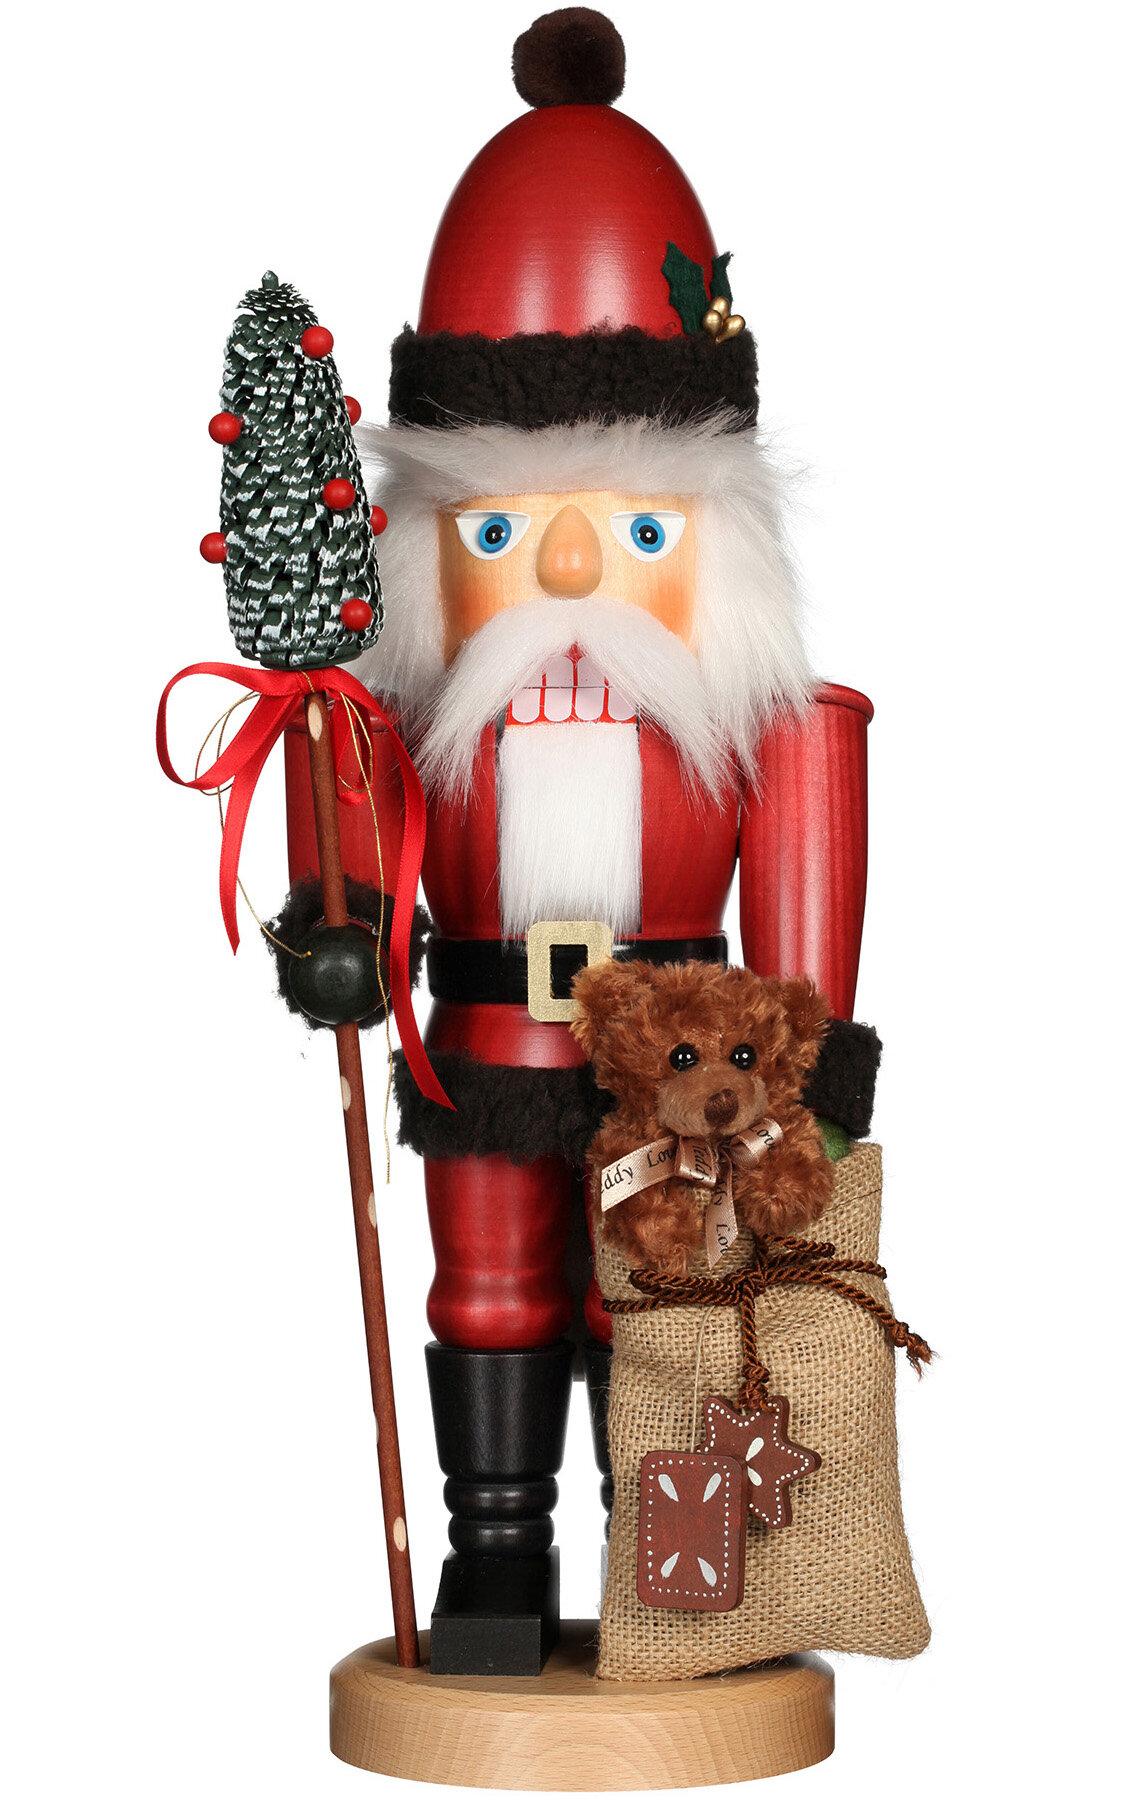 The Holiday Aisle Santa With Teddy Bear Nutcracker Wayfair Ca